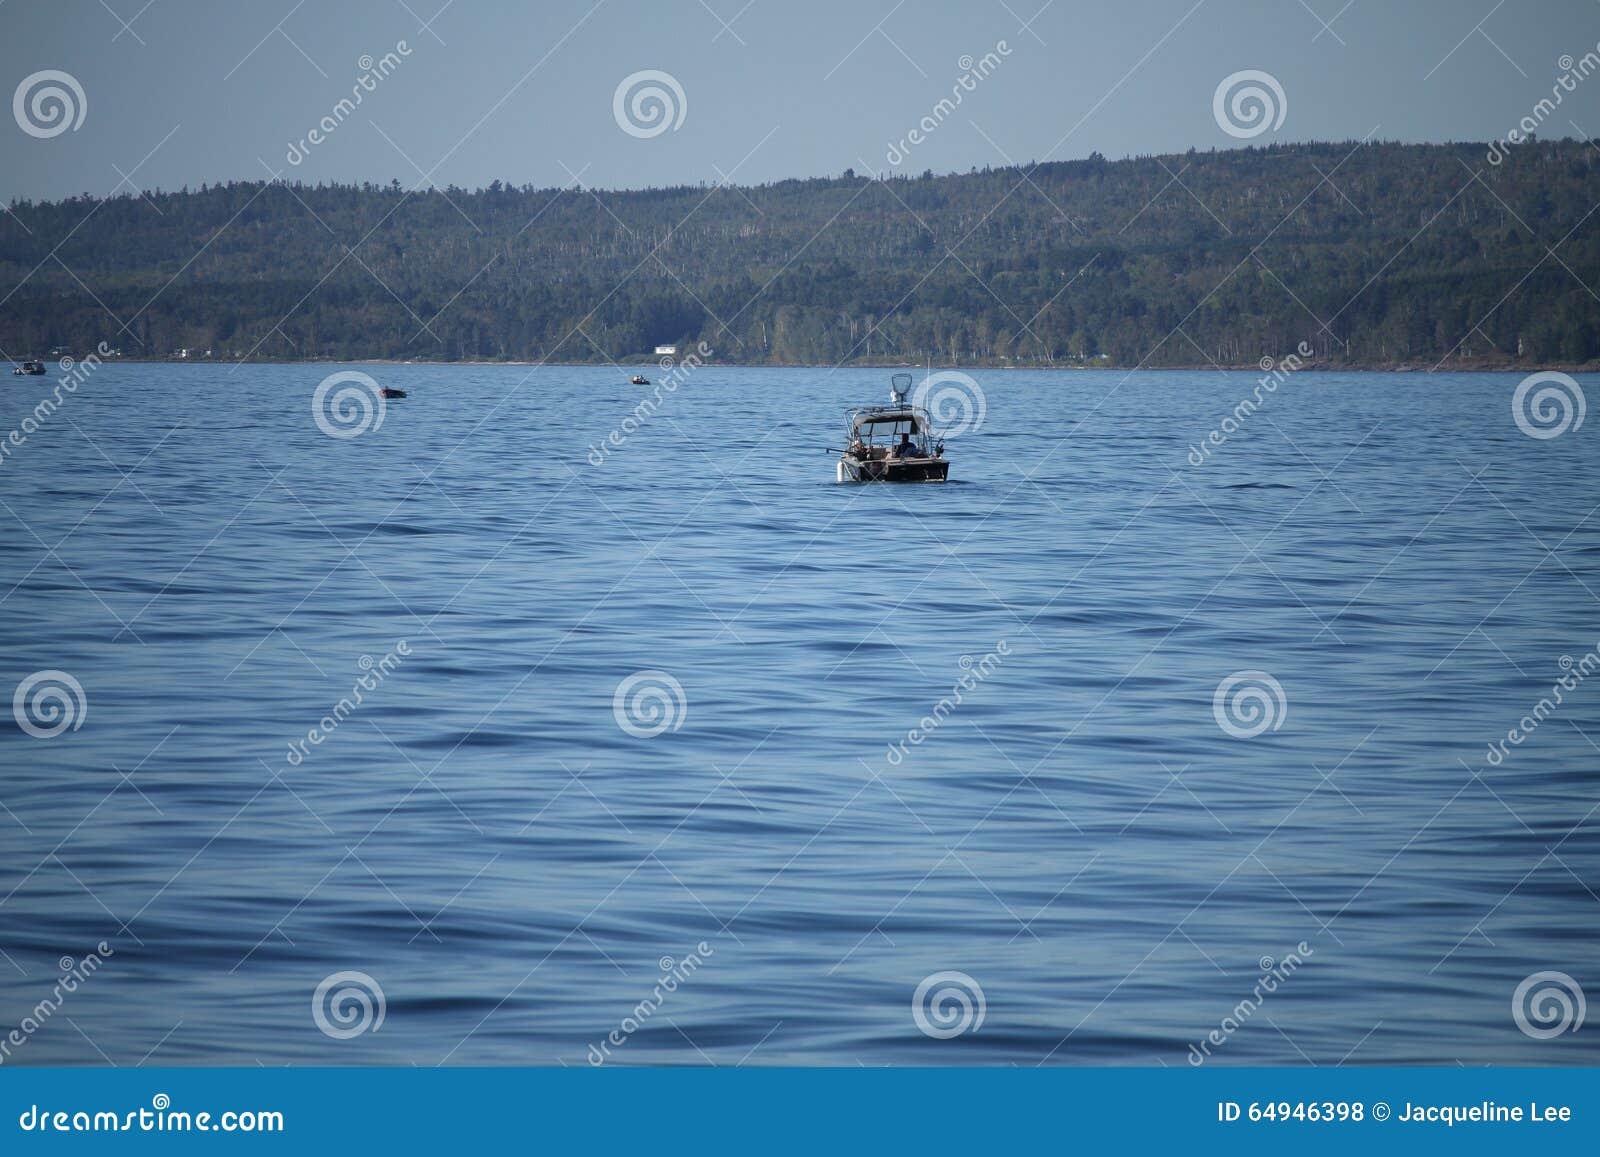 Dans quoi garder les cordages pour la pêche